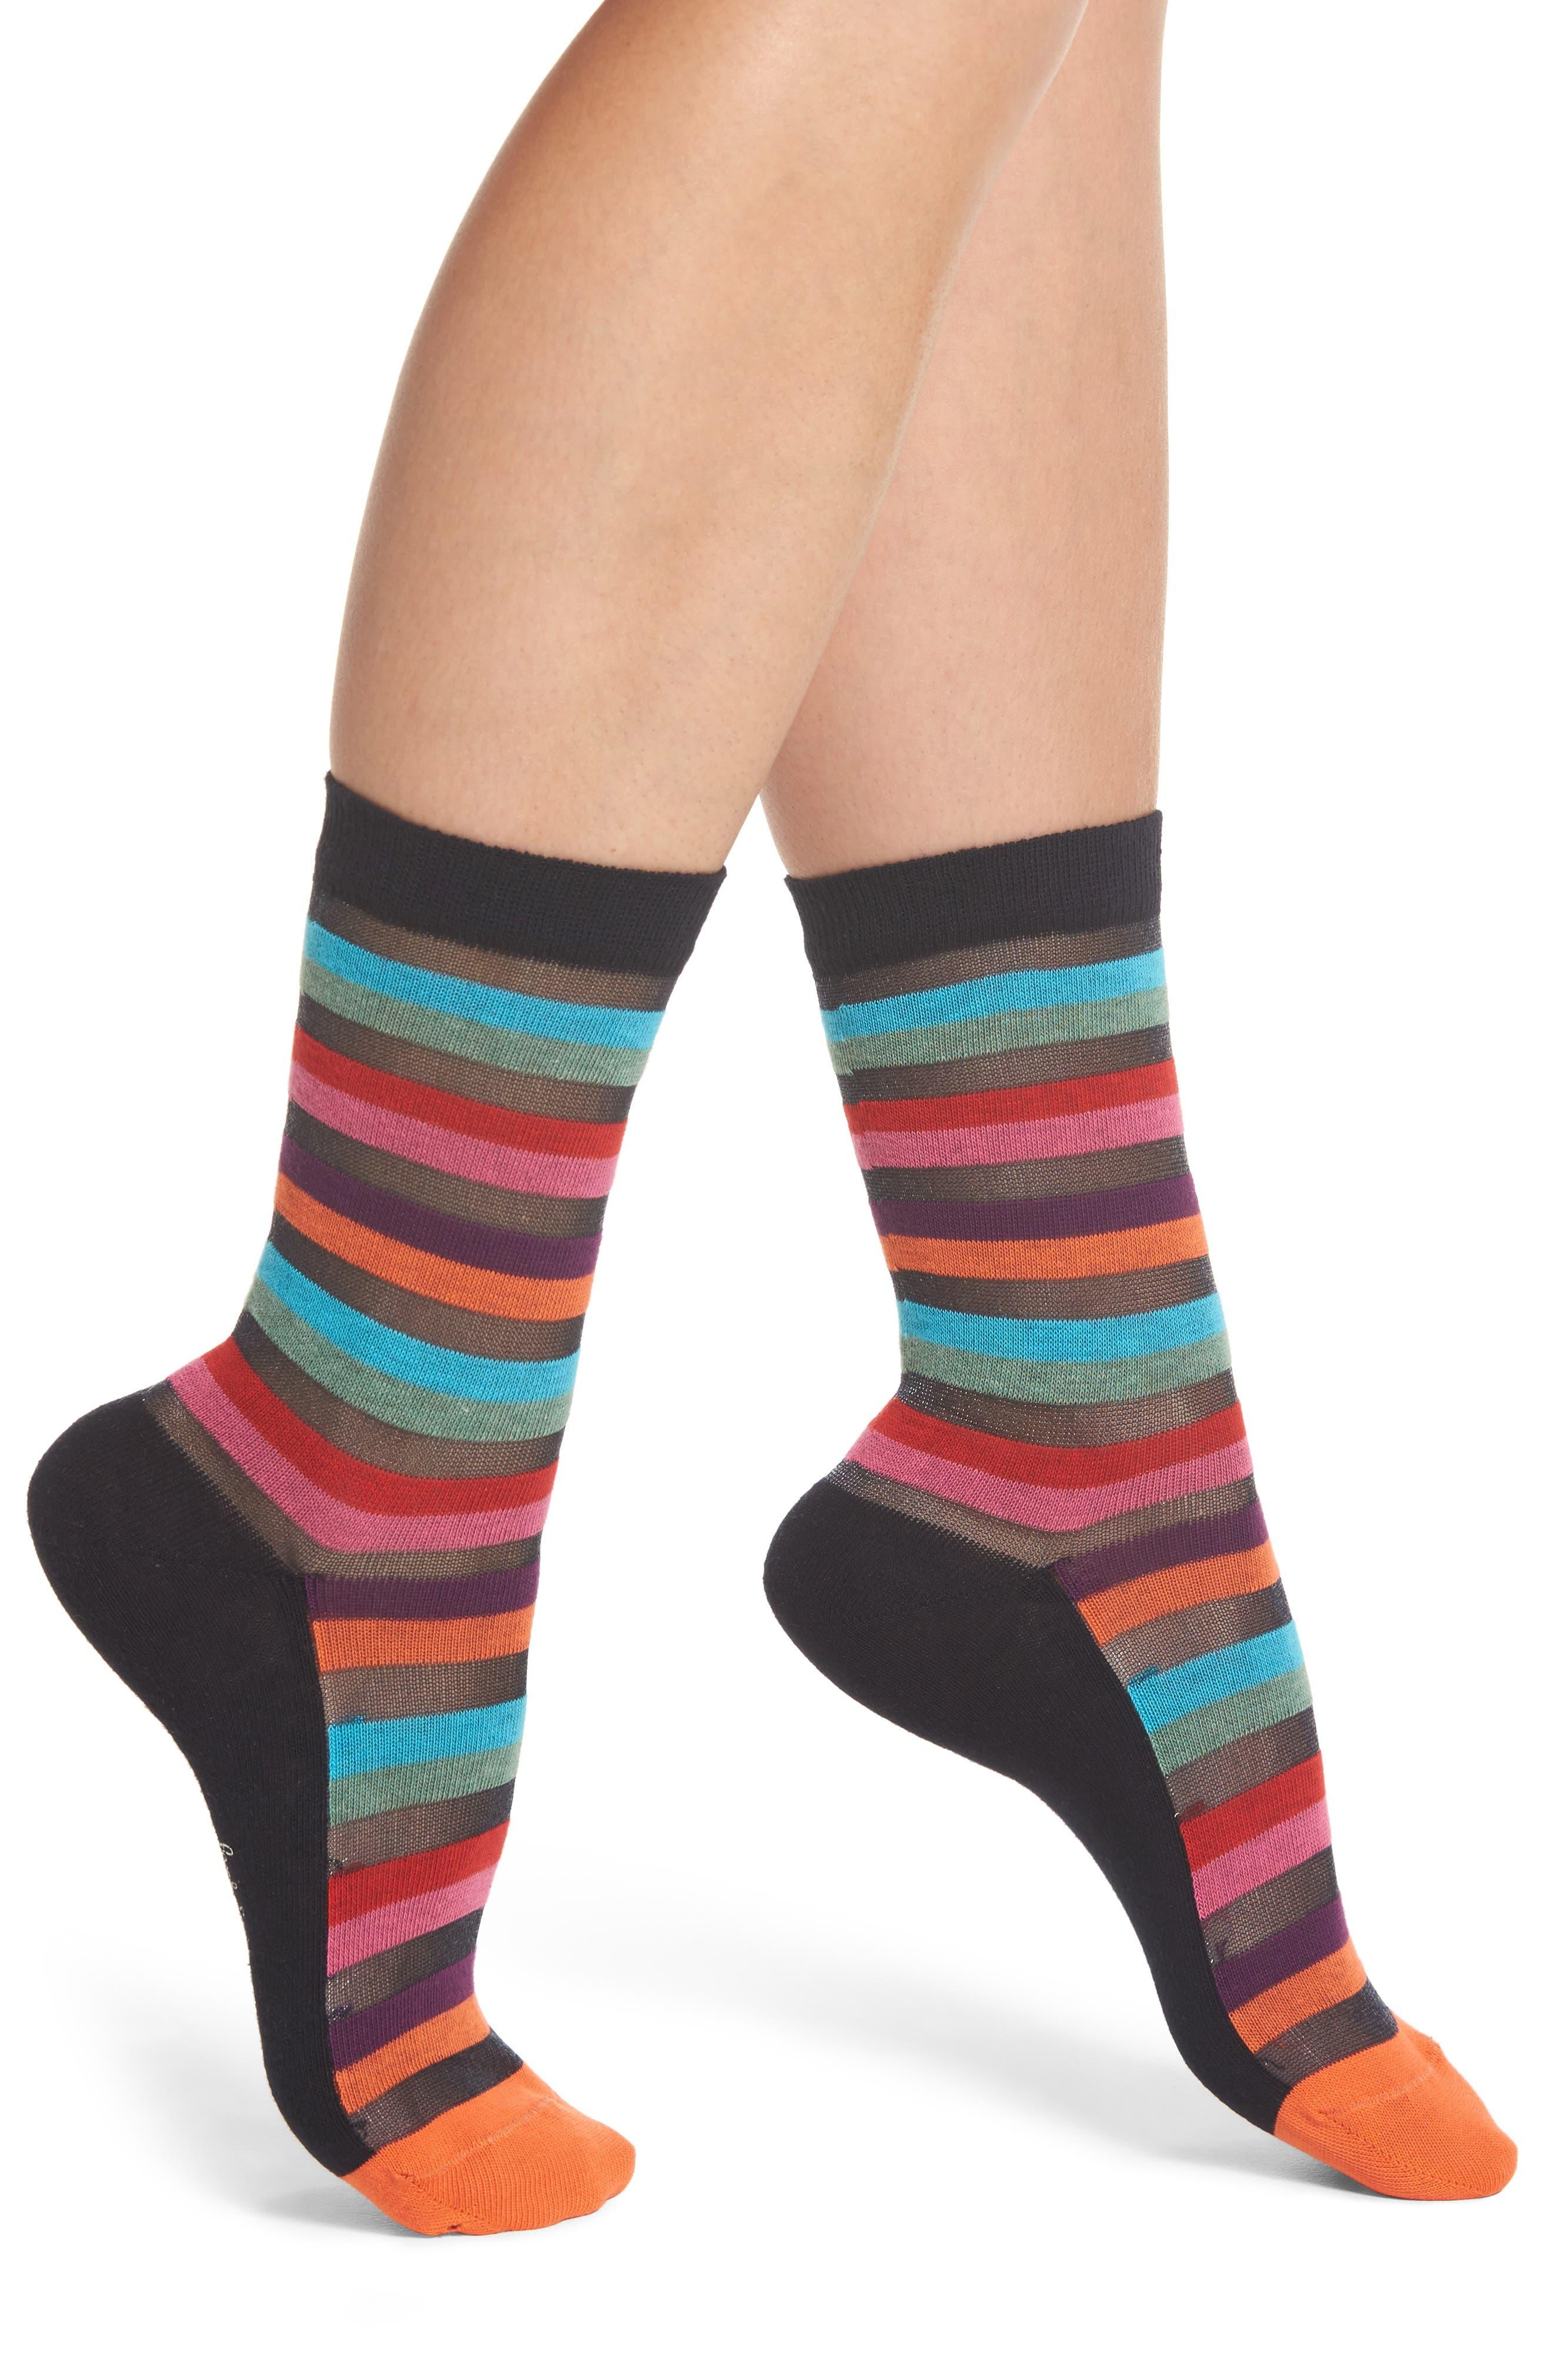 Felicity Rainbow Socks,                             Main thumbnail 1, color,                             001